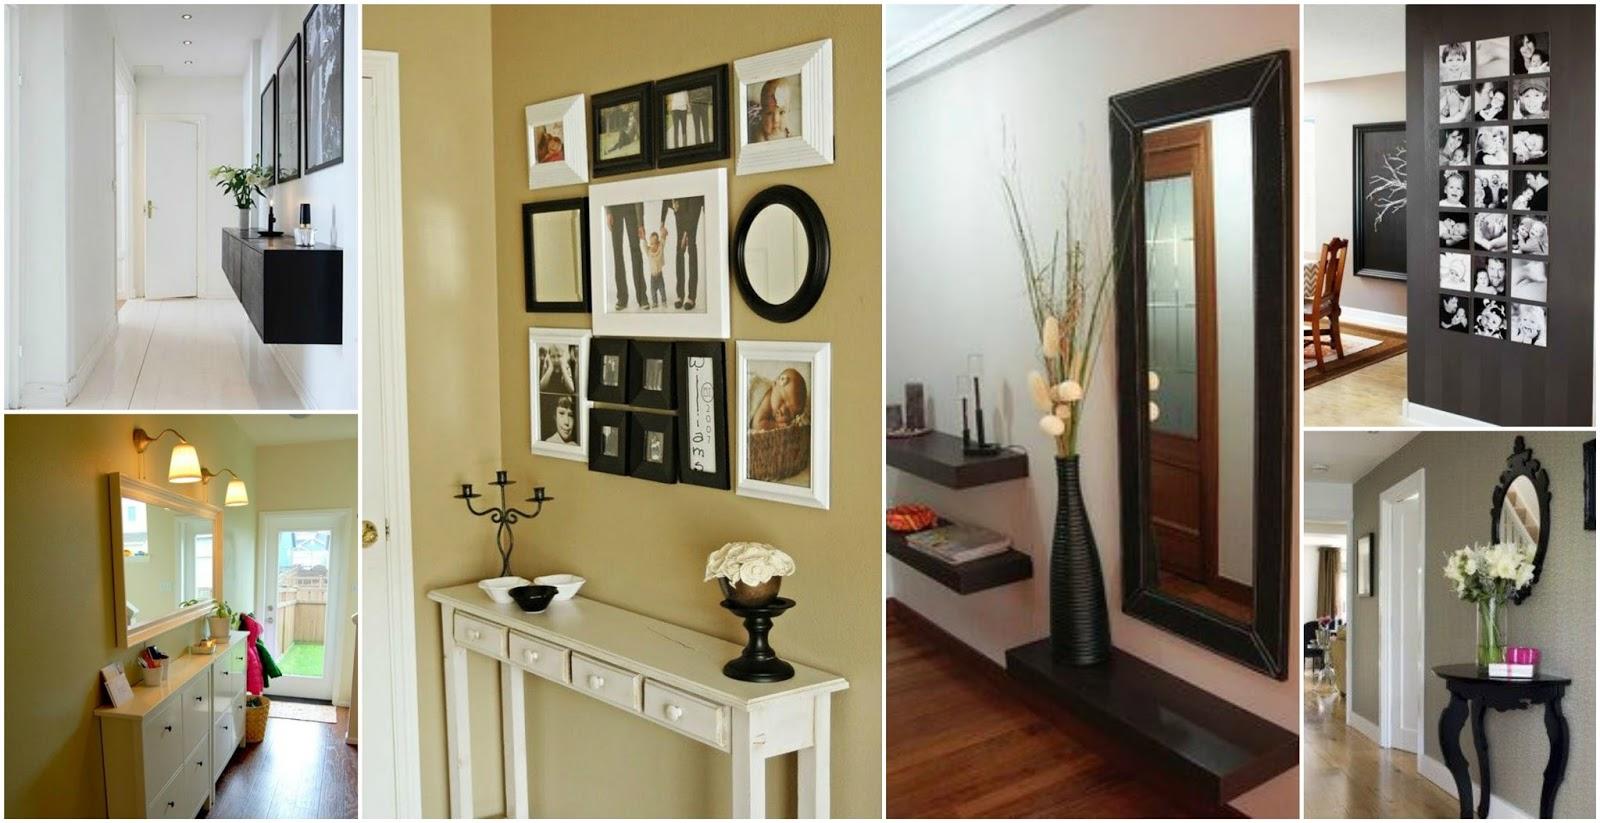 12 Hermosas Ideas para decorar pasillos y recibidores en casa